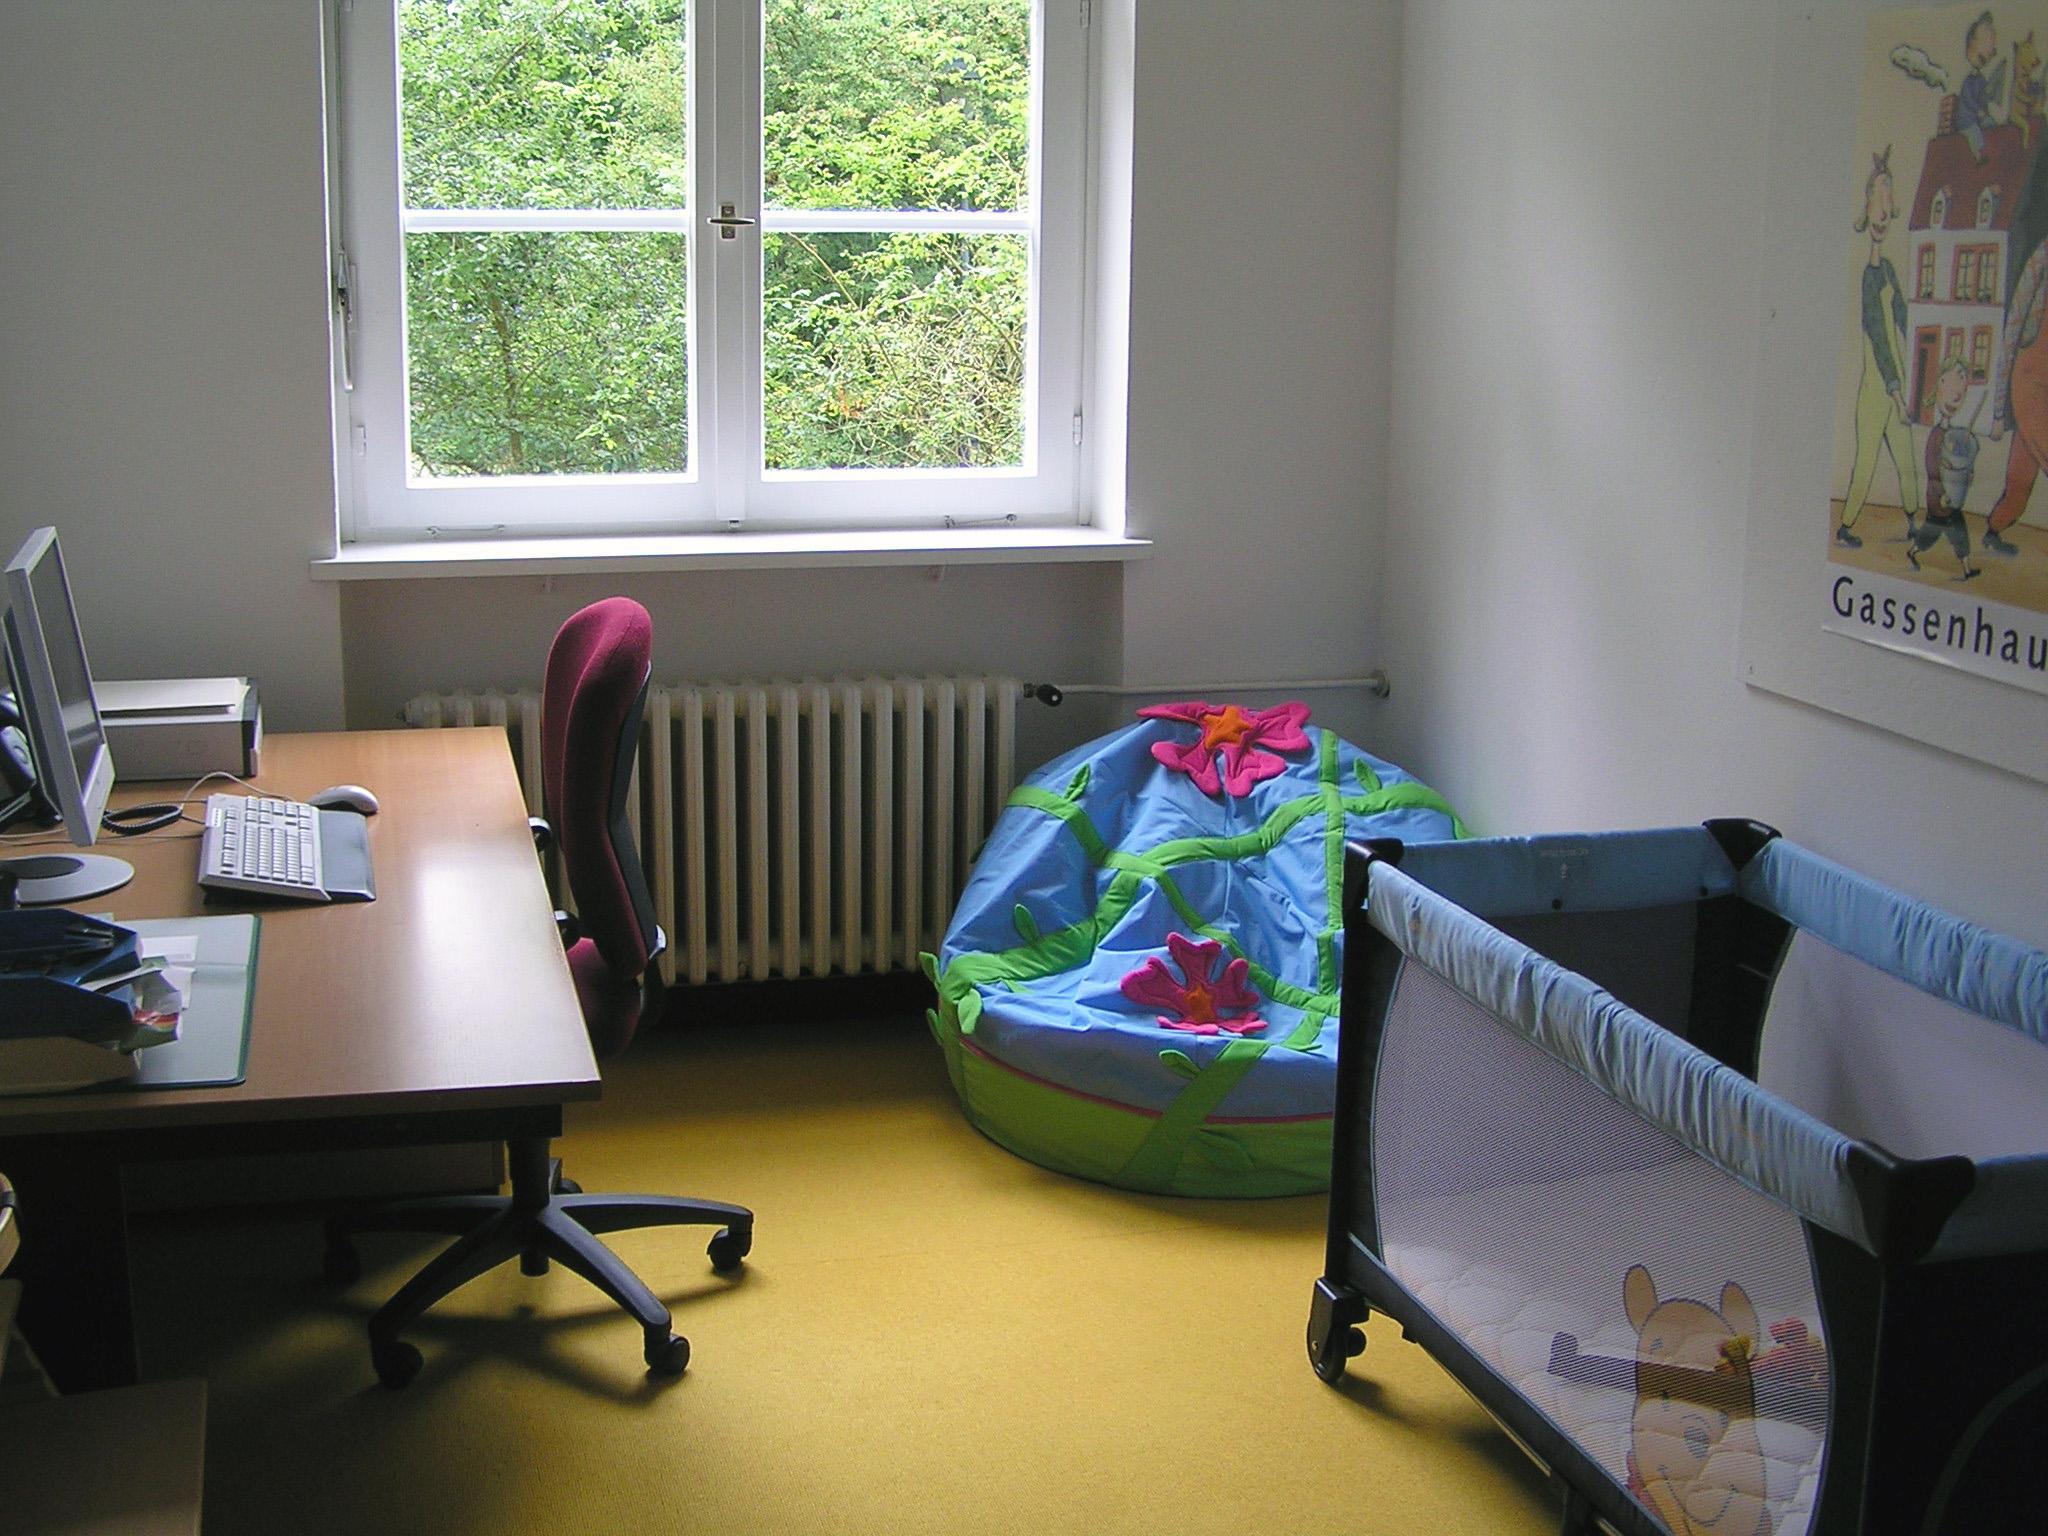 Eltern-Kind-Zimmer: gegenüber vom Schreibtisch steht ein Bett für Kleinkinder, in der Ecke liegt ein bunter Sitzsack